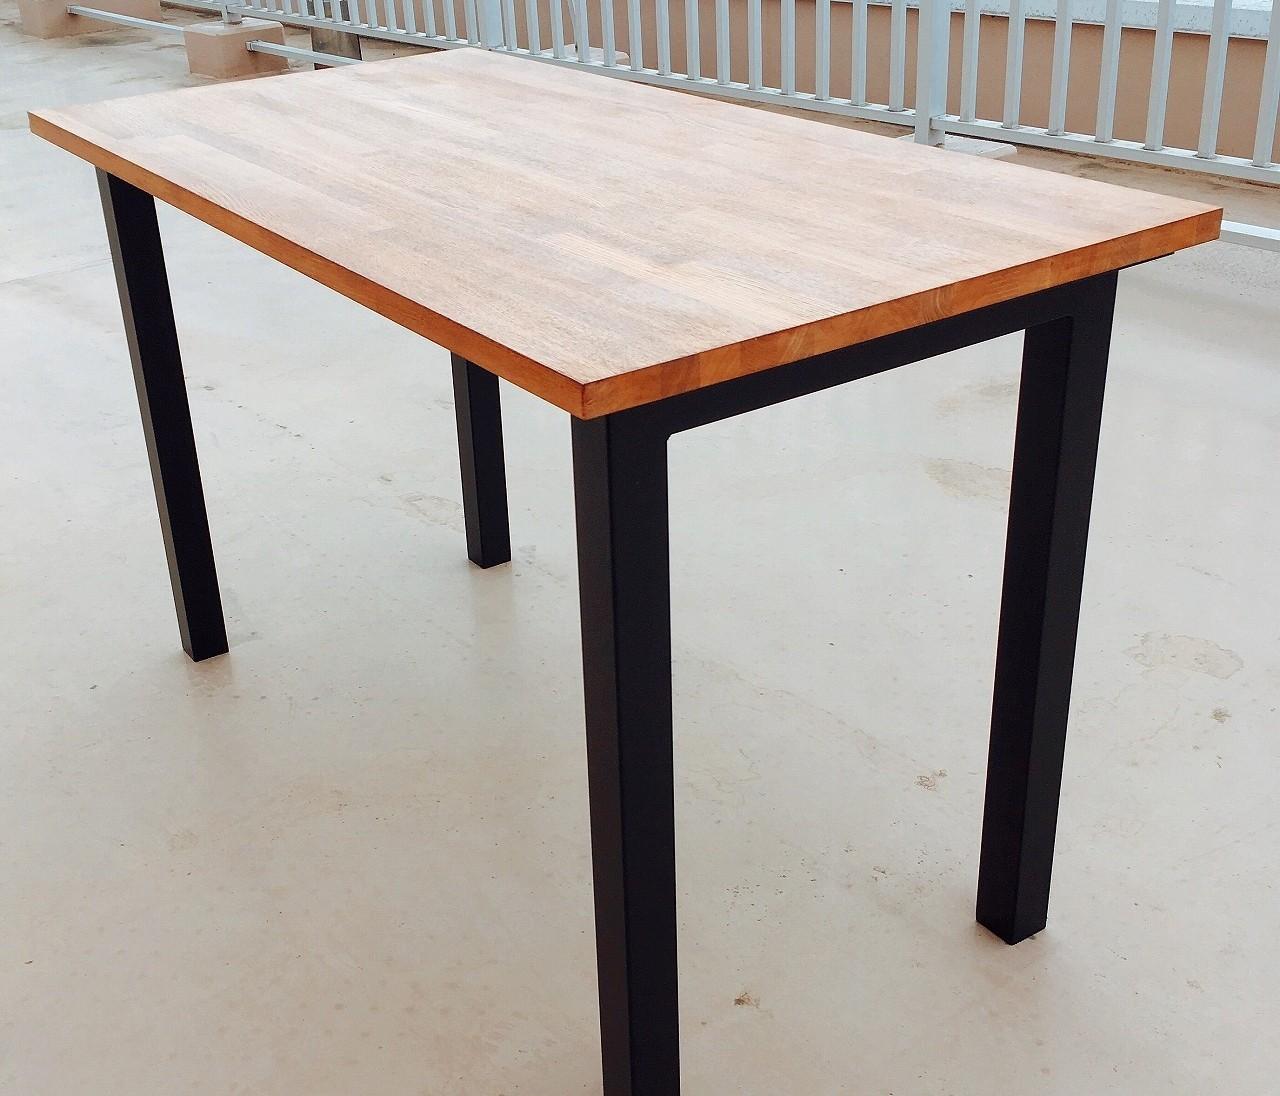 DIY初心者がいきなり大物のダイニングテーブルをつくってみた